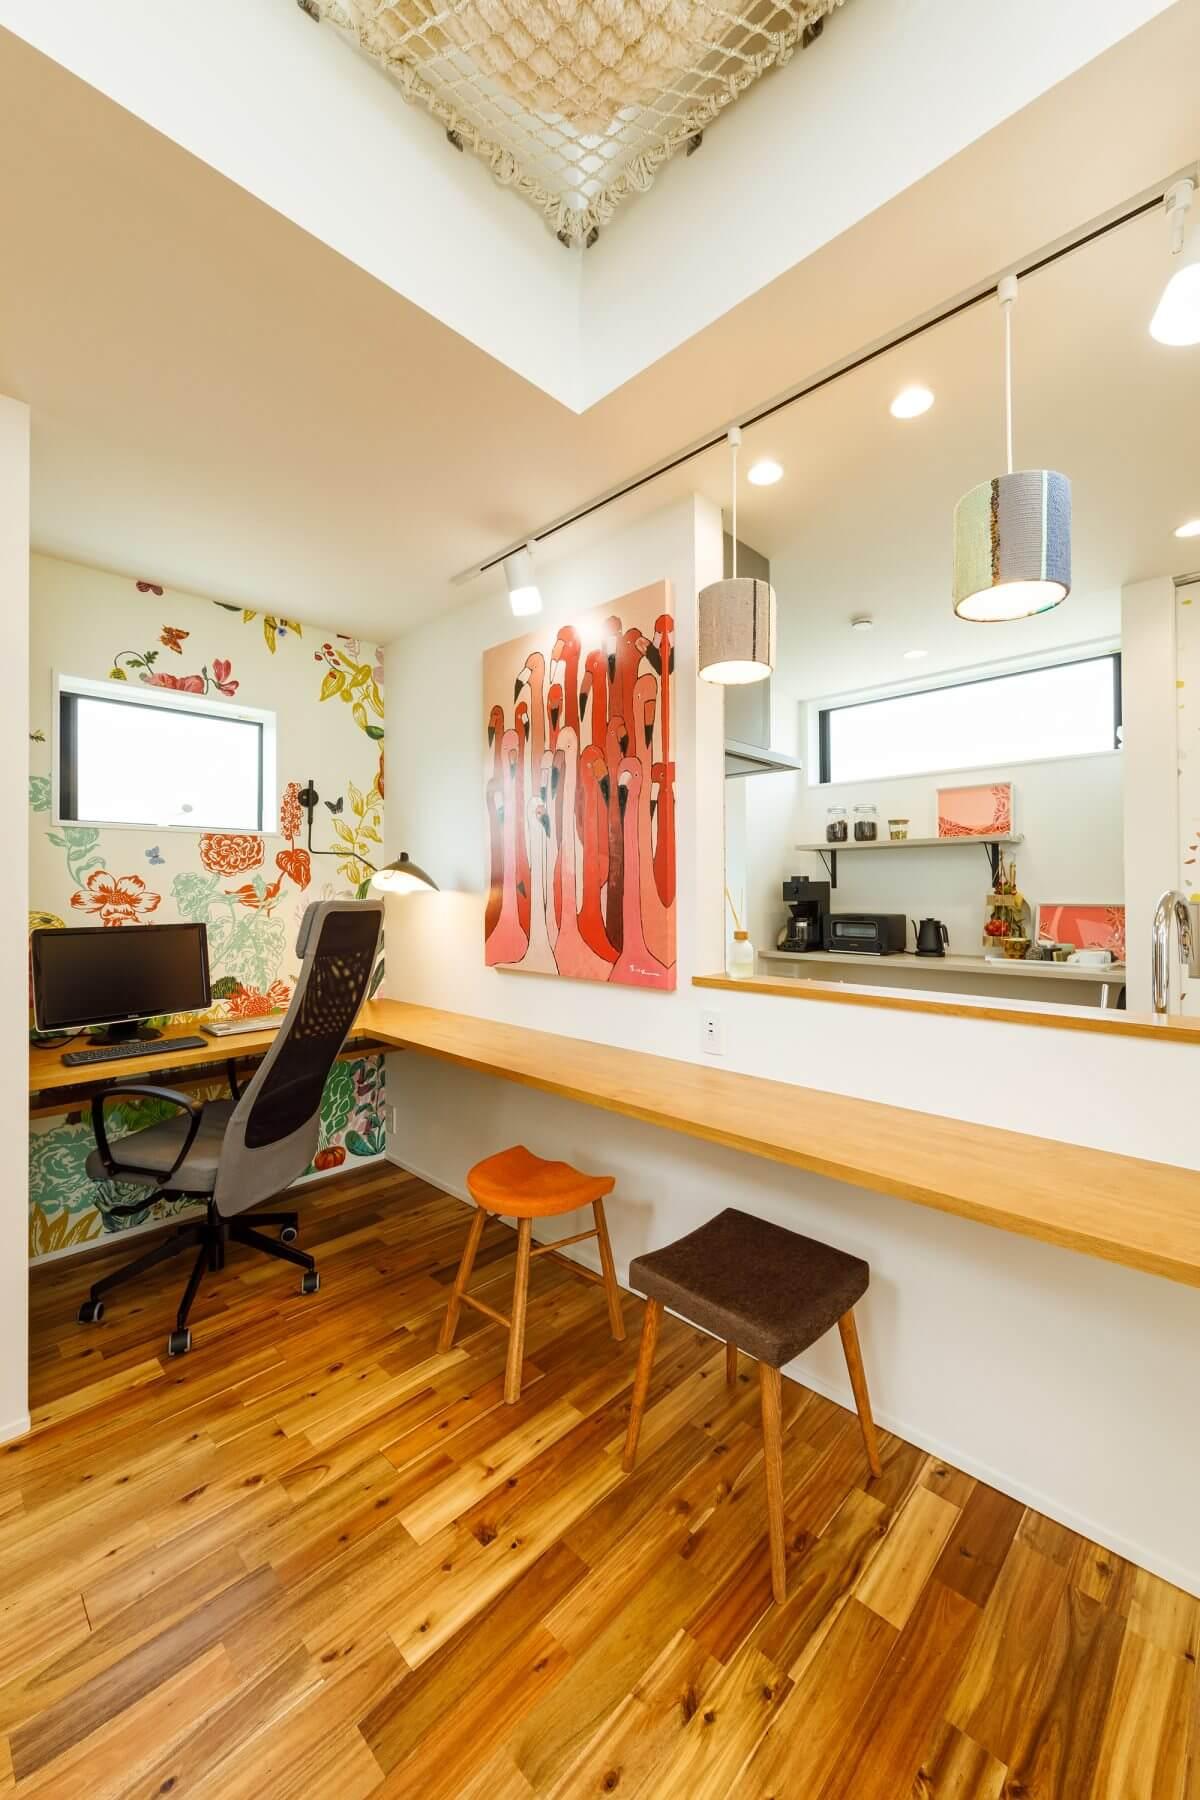 キッチン前のL字カウンター。カラフルなテキスタイルが描かれた壁紙の採用や、アートを飾り、個性が光る空間に。L字の短辺部分のカウンターはご主人の書斎コーナーになっています。仕事はもちろん、簡単な食事もできる多目的な空間です。